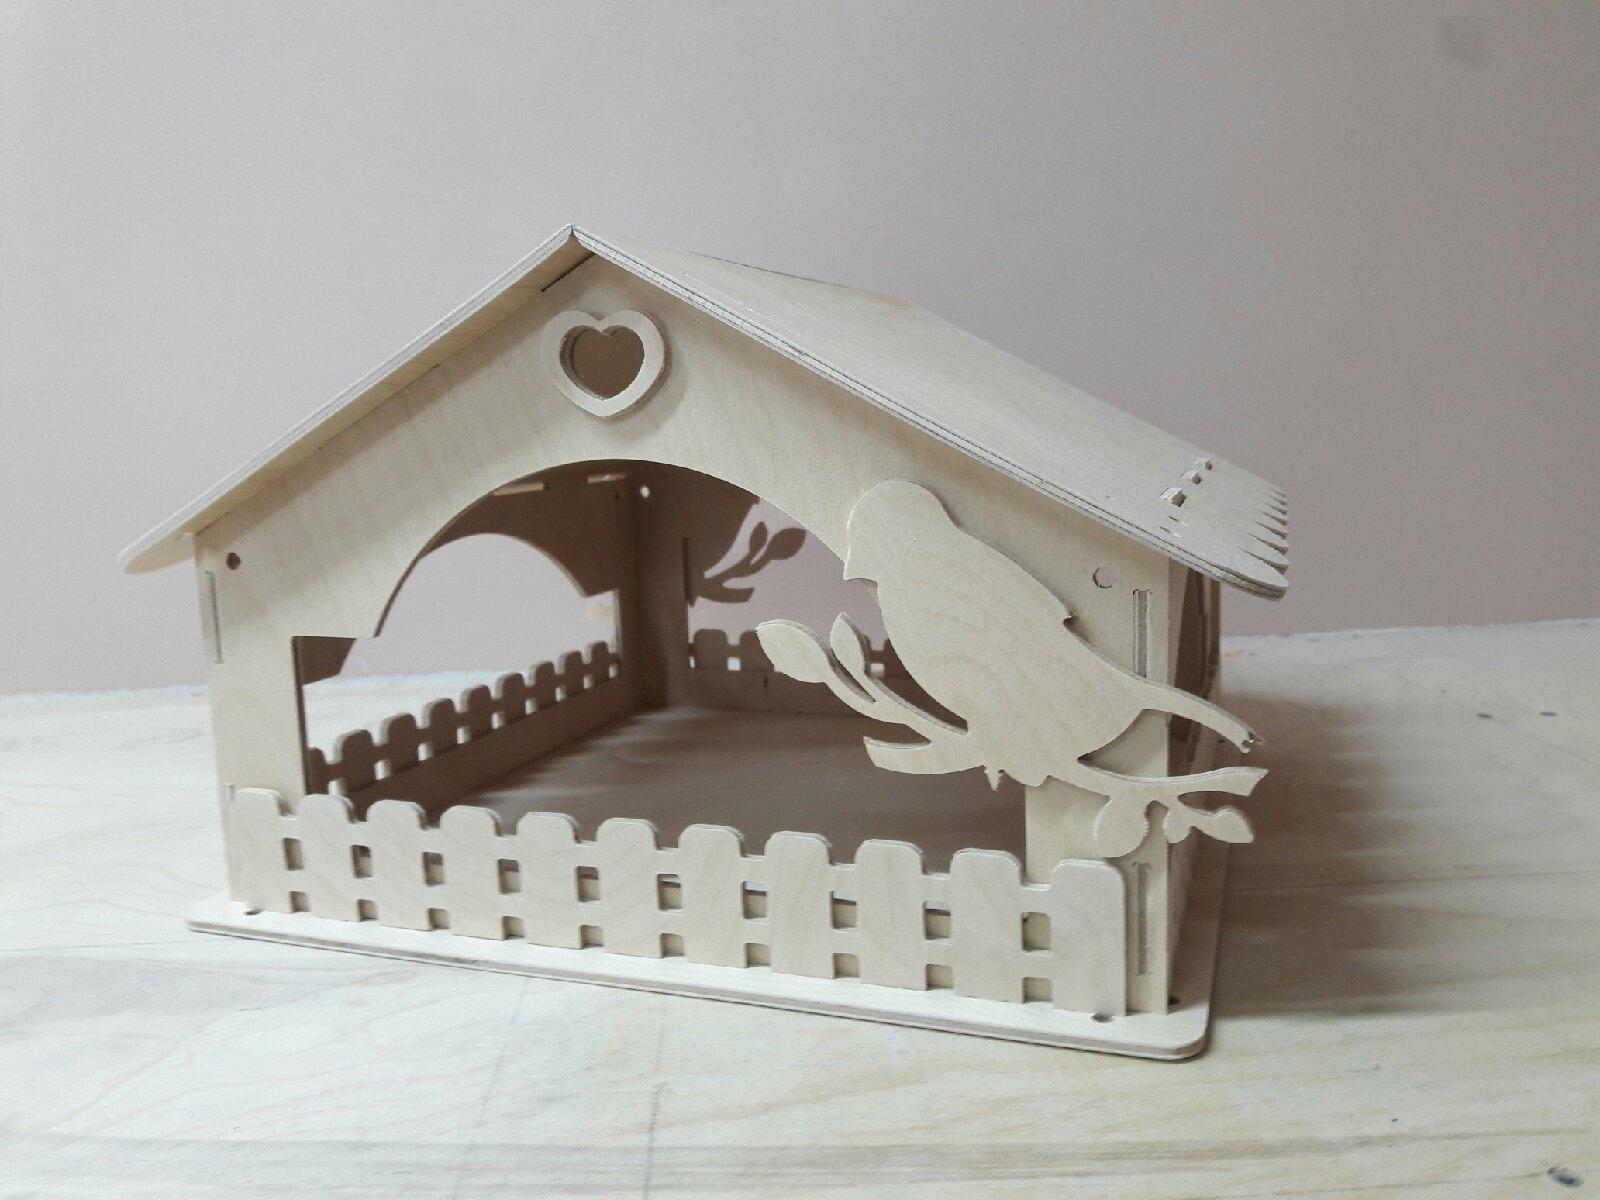 Laser Cut Wooden Bird House Bird Feeder DXF File